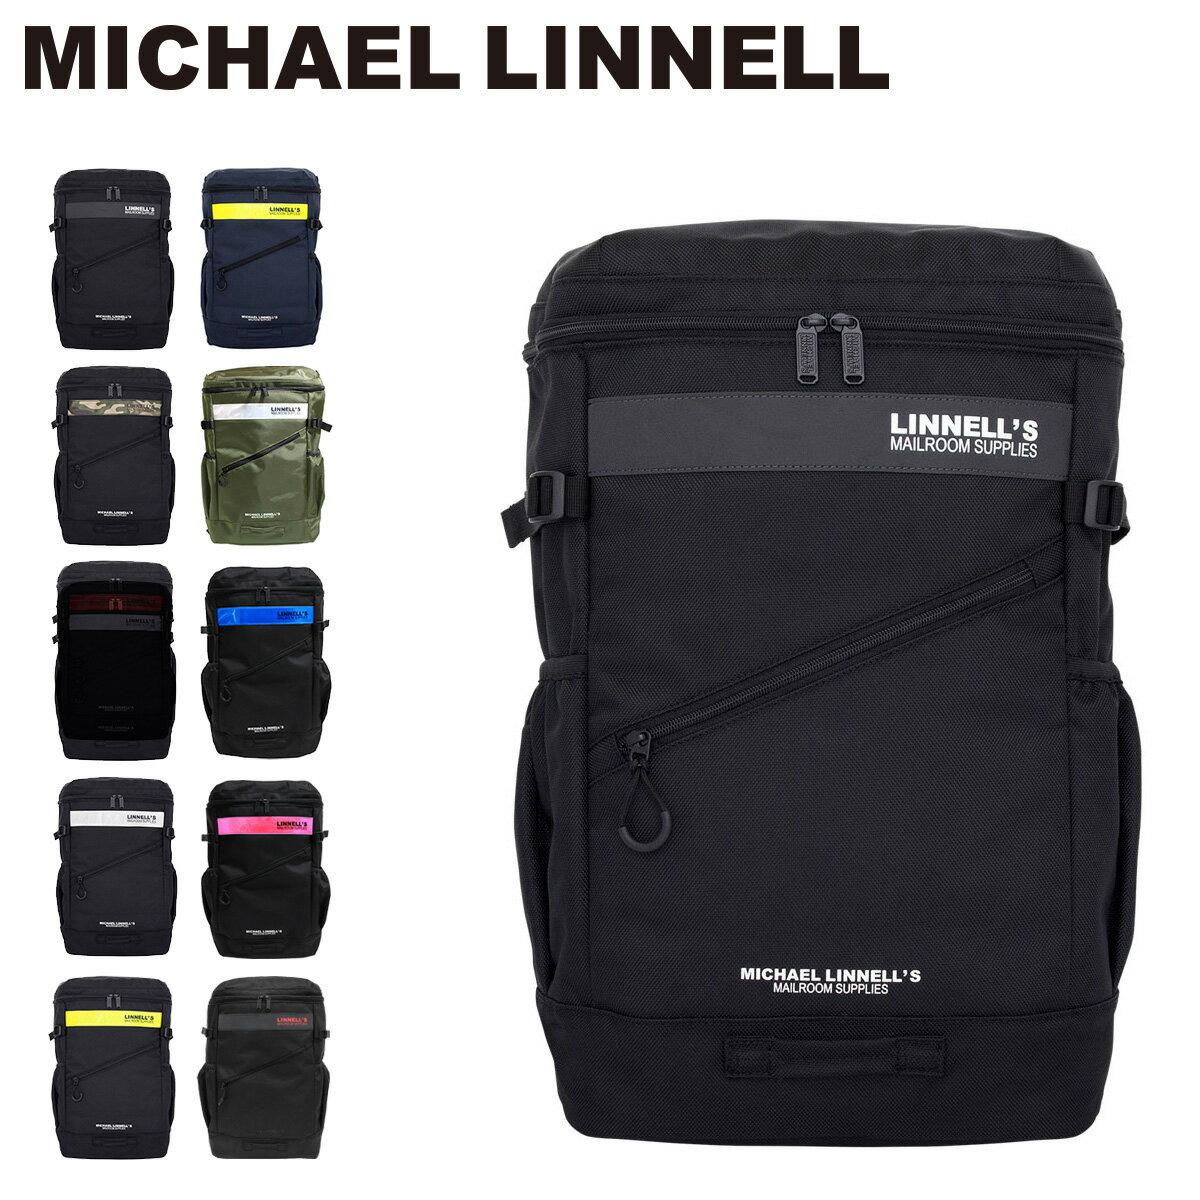 マイケルリンネル リュック スクエア 大容量 32L A4 メンズ レディース ML-020 MICHAEL LINNELL リフレクター PCケース バックパック リュックサック 通勤 通学 [PO10][bef][即日発送]